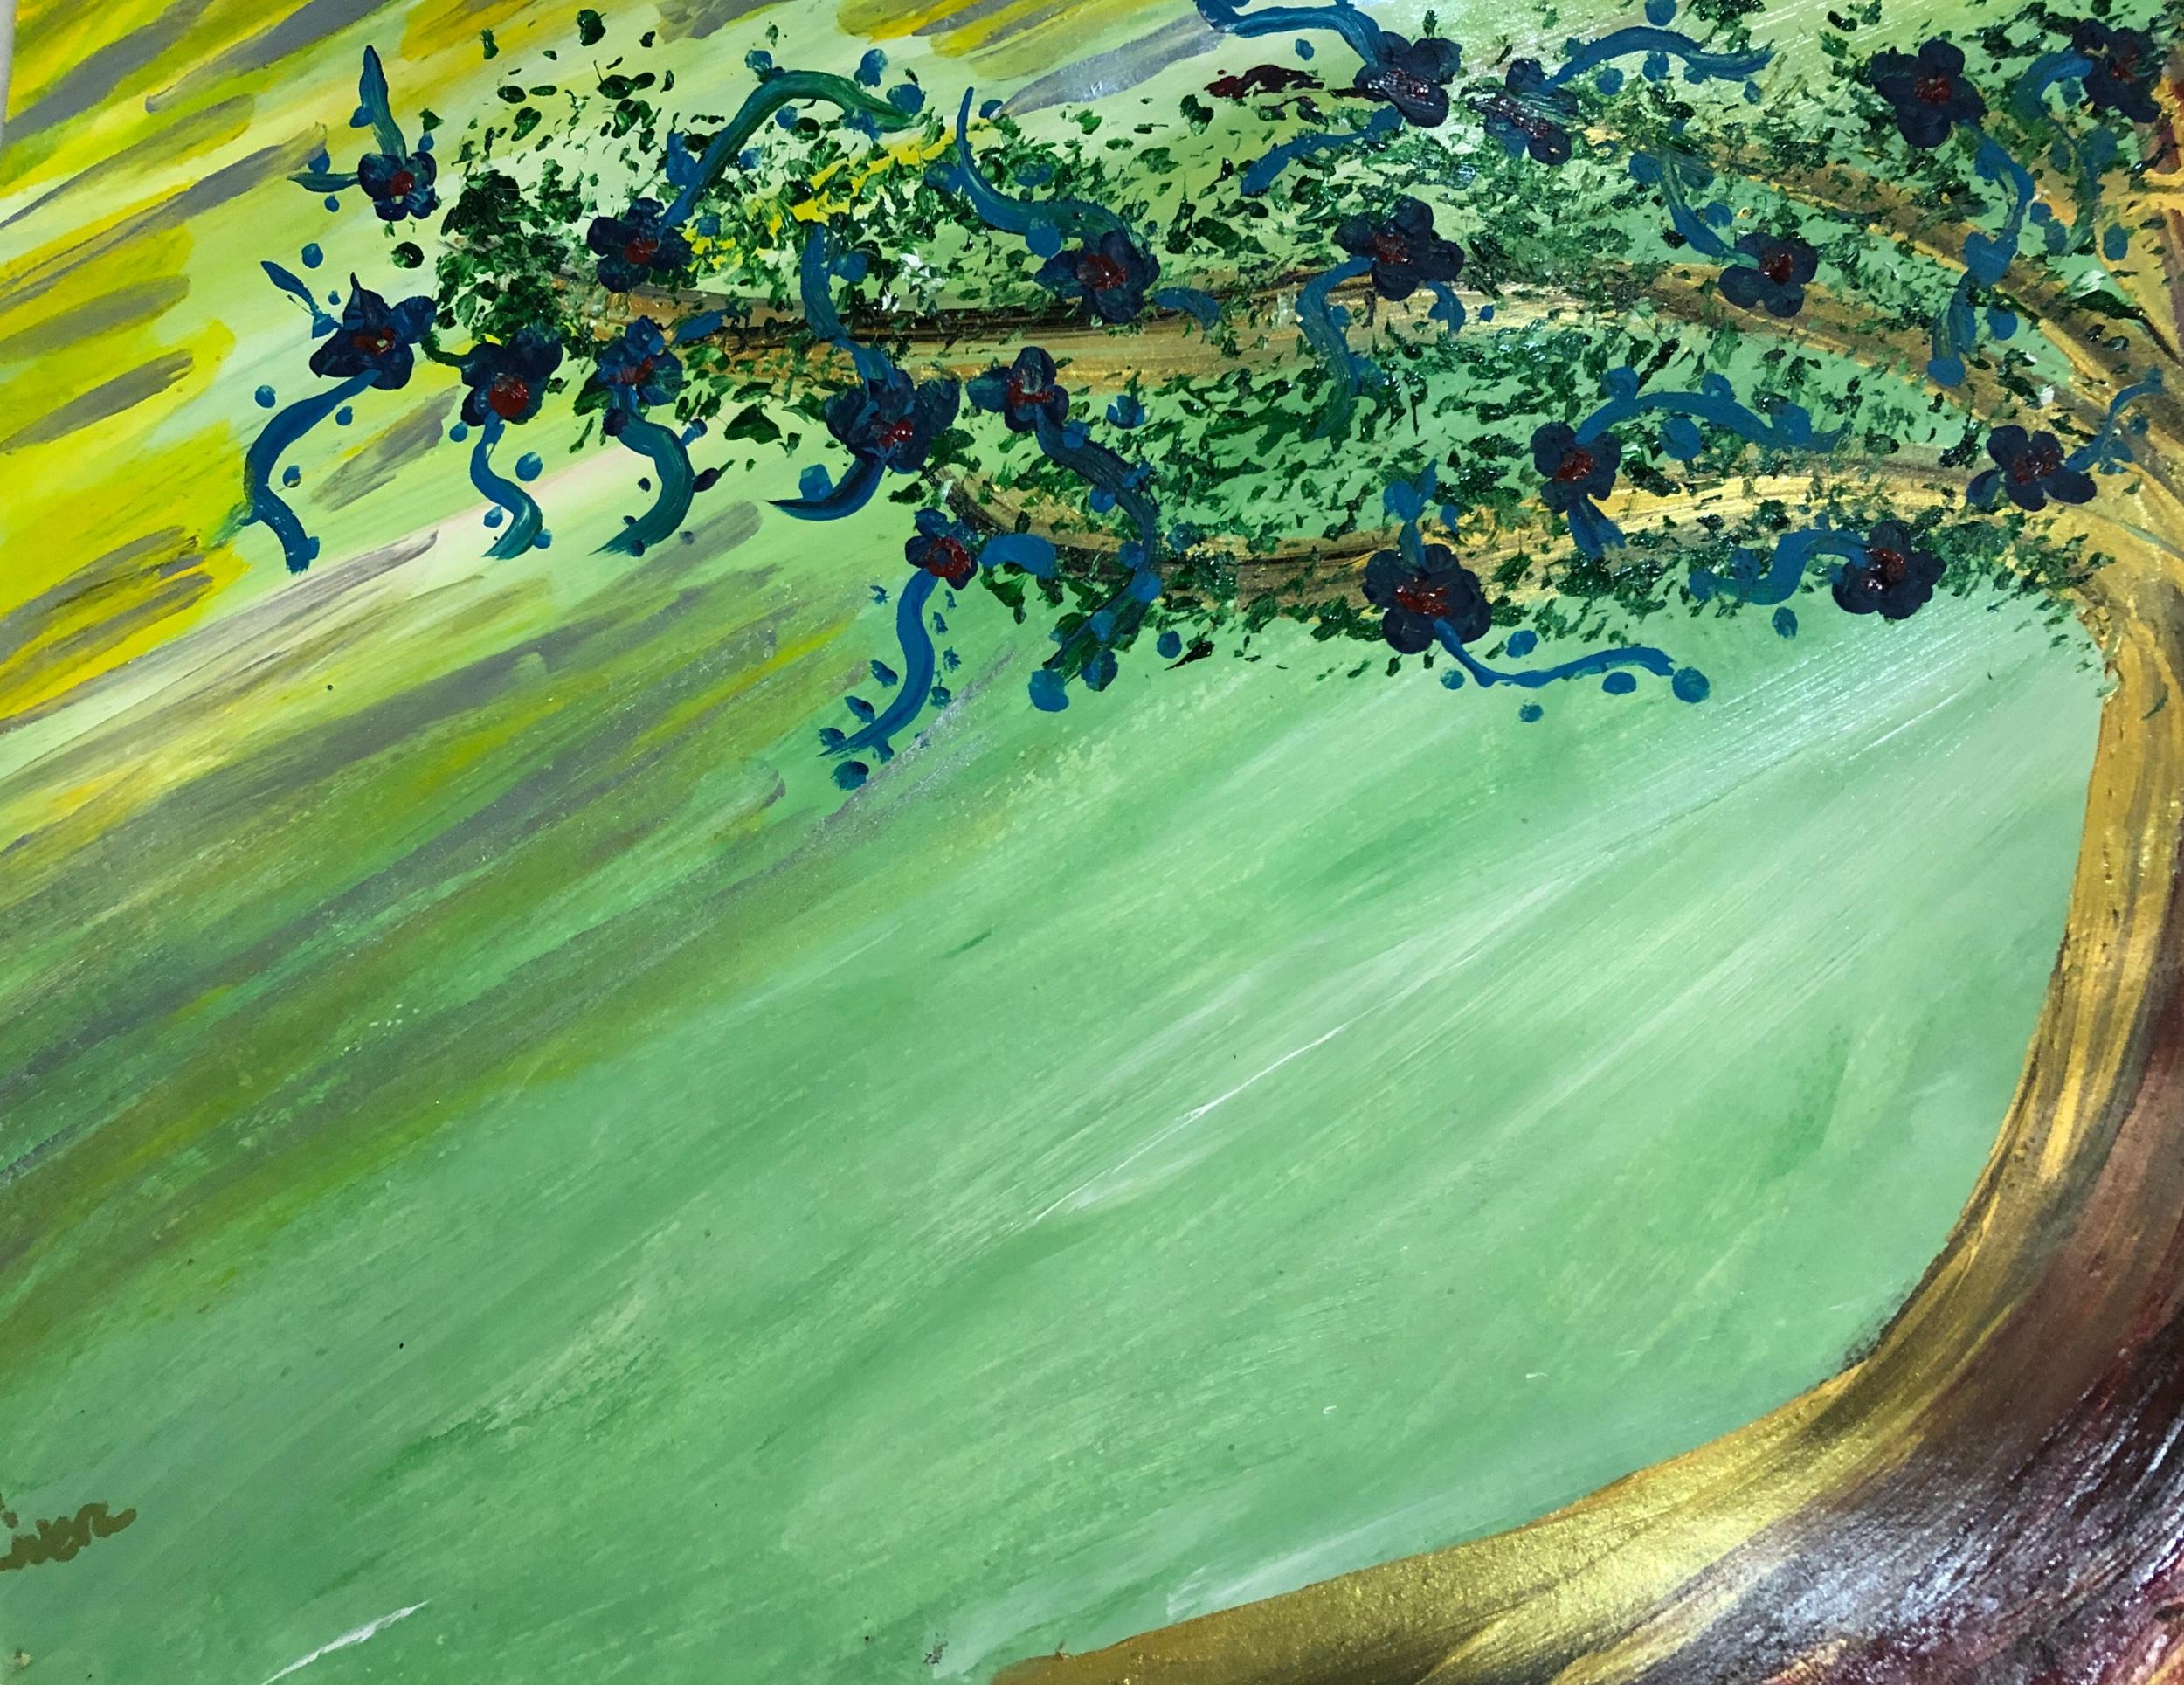 The Tree - Photo courtesy of Anallsa Rivers